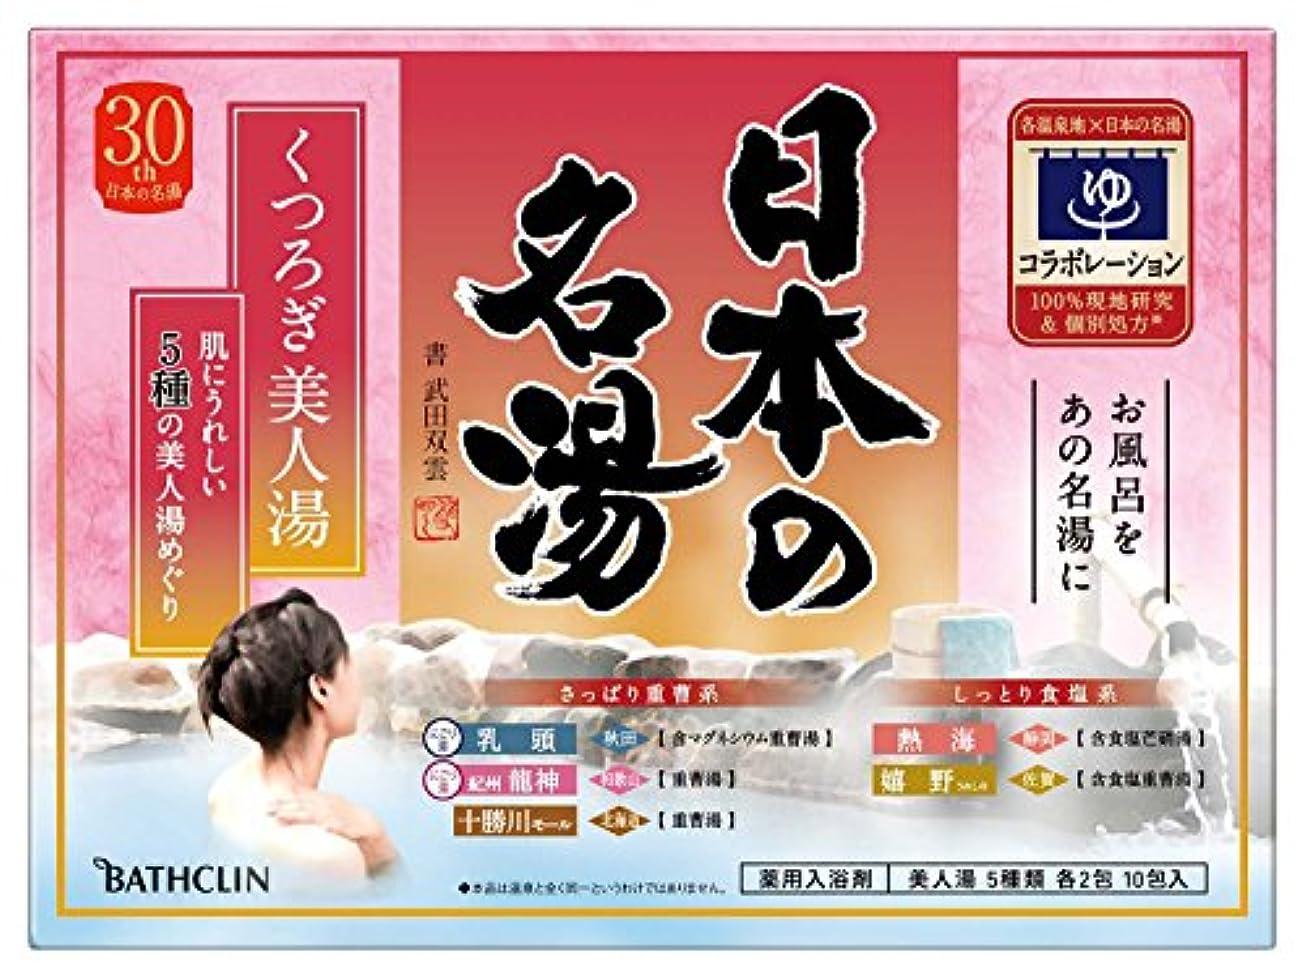 アロングキュービック約束する【医薬部外品】日本の名湯入浴剤 くつろぎ美人湯 30g ×10包 個包装 詰め合わせ 温泉タイプ